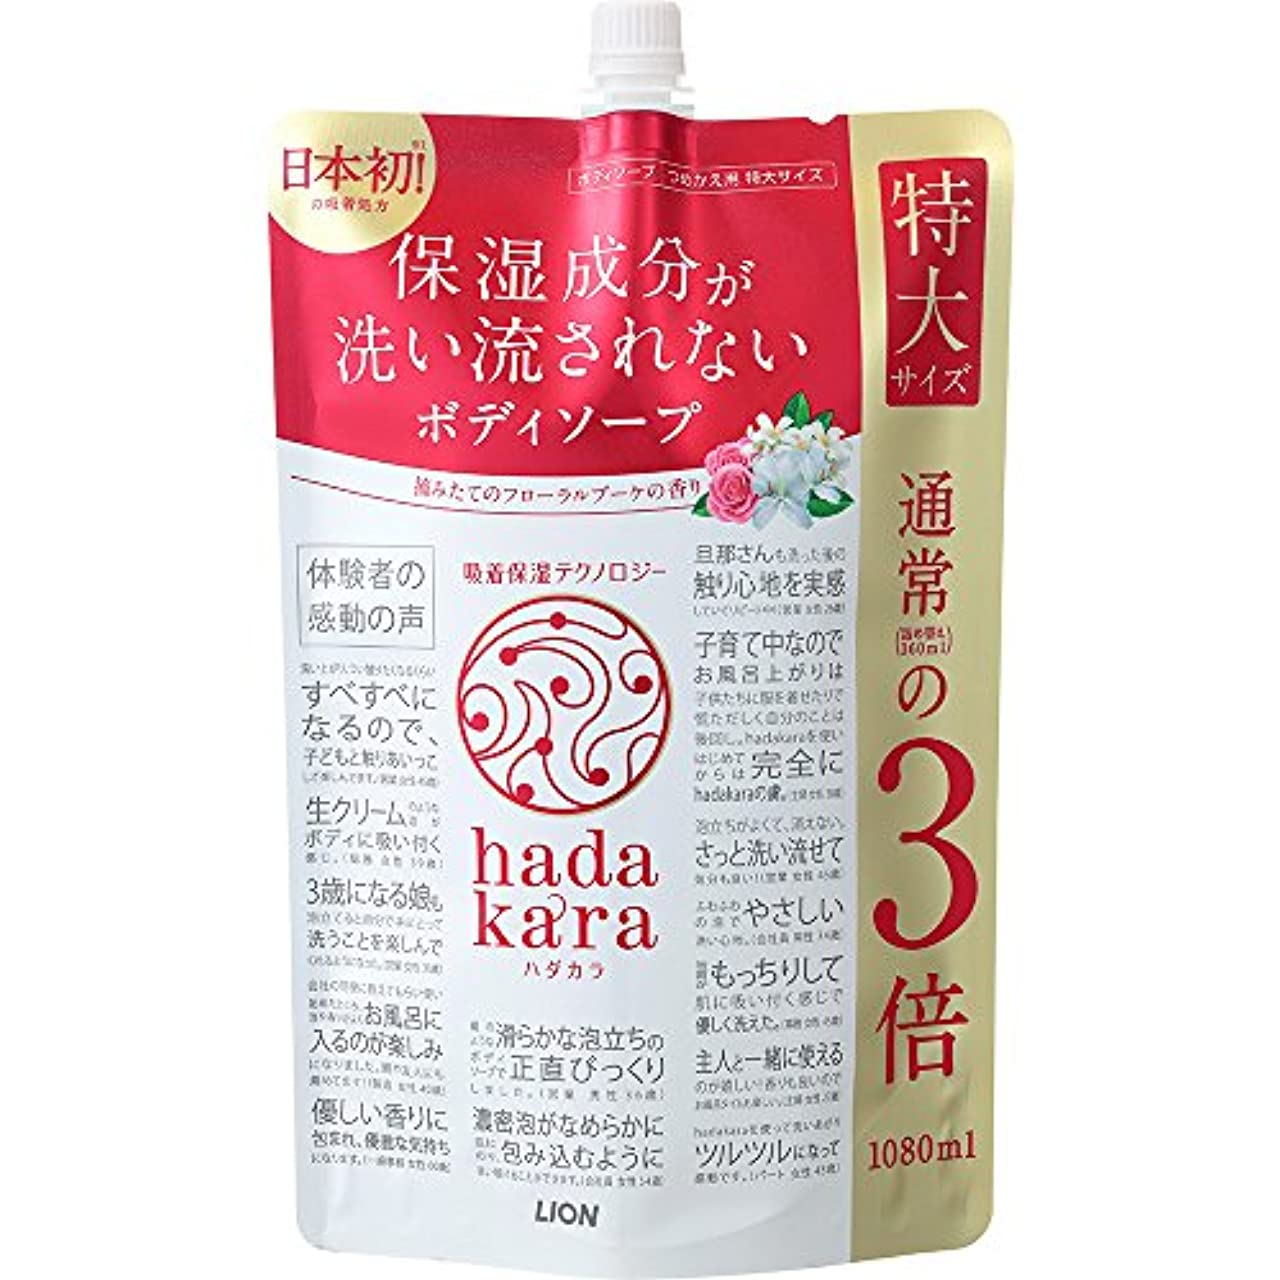 グラフ気分が良い動脈【大容量】hadakara(ハダカラ) ボディソープ フローラルブーケの香り 詰め替え 特大 1080ml